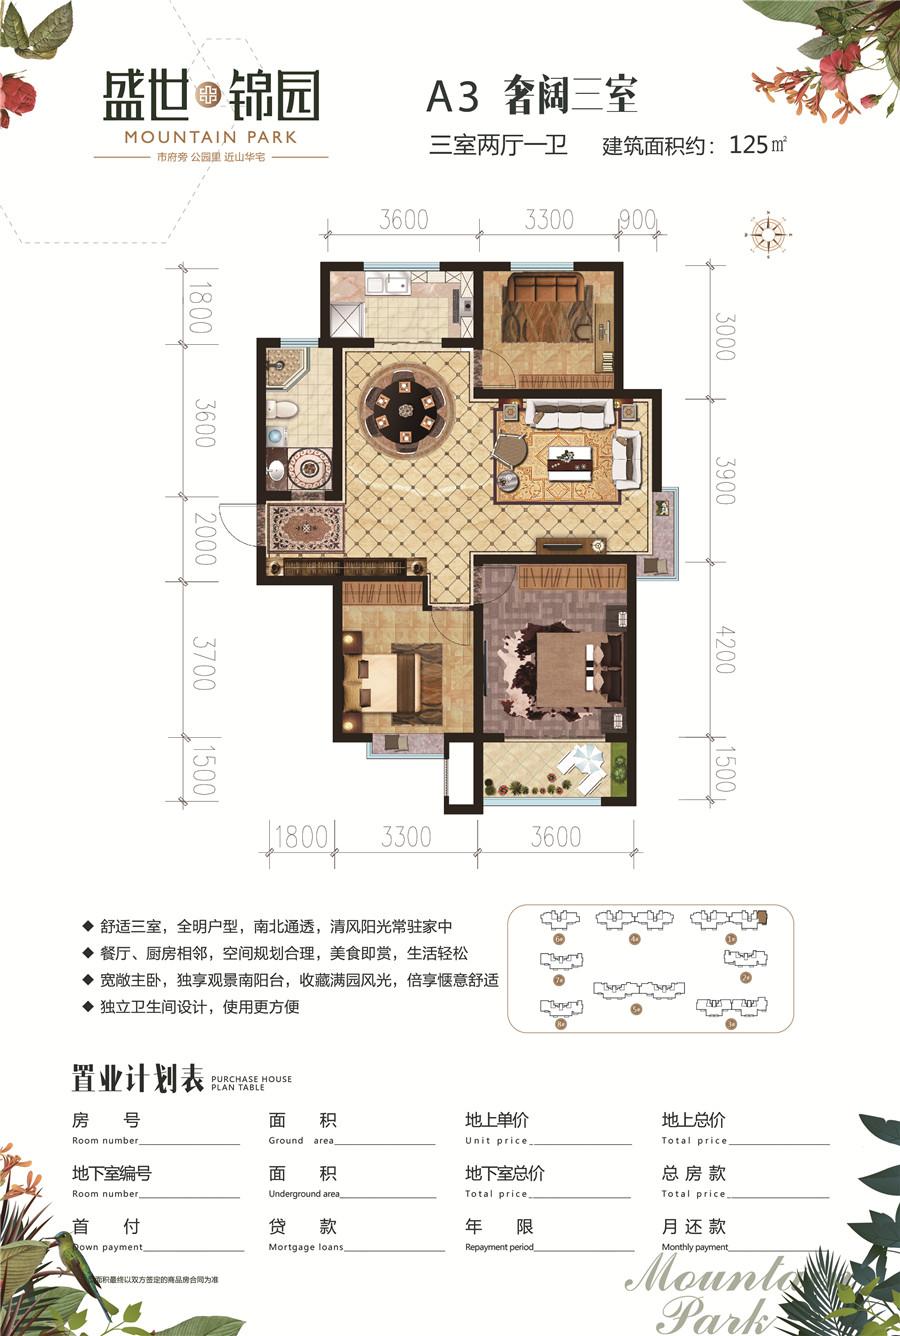 三室两厅一卫125平米A3户型